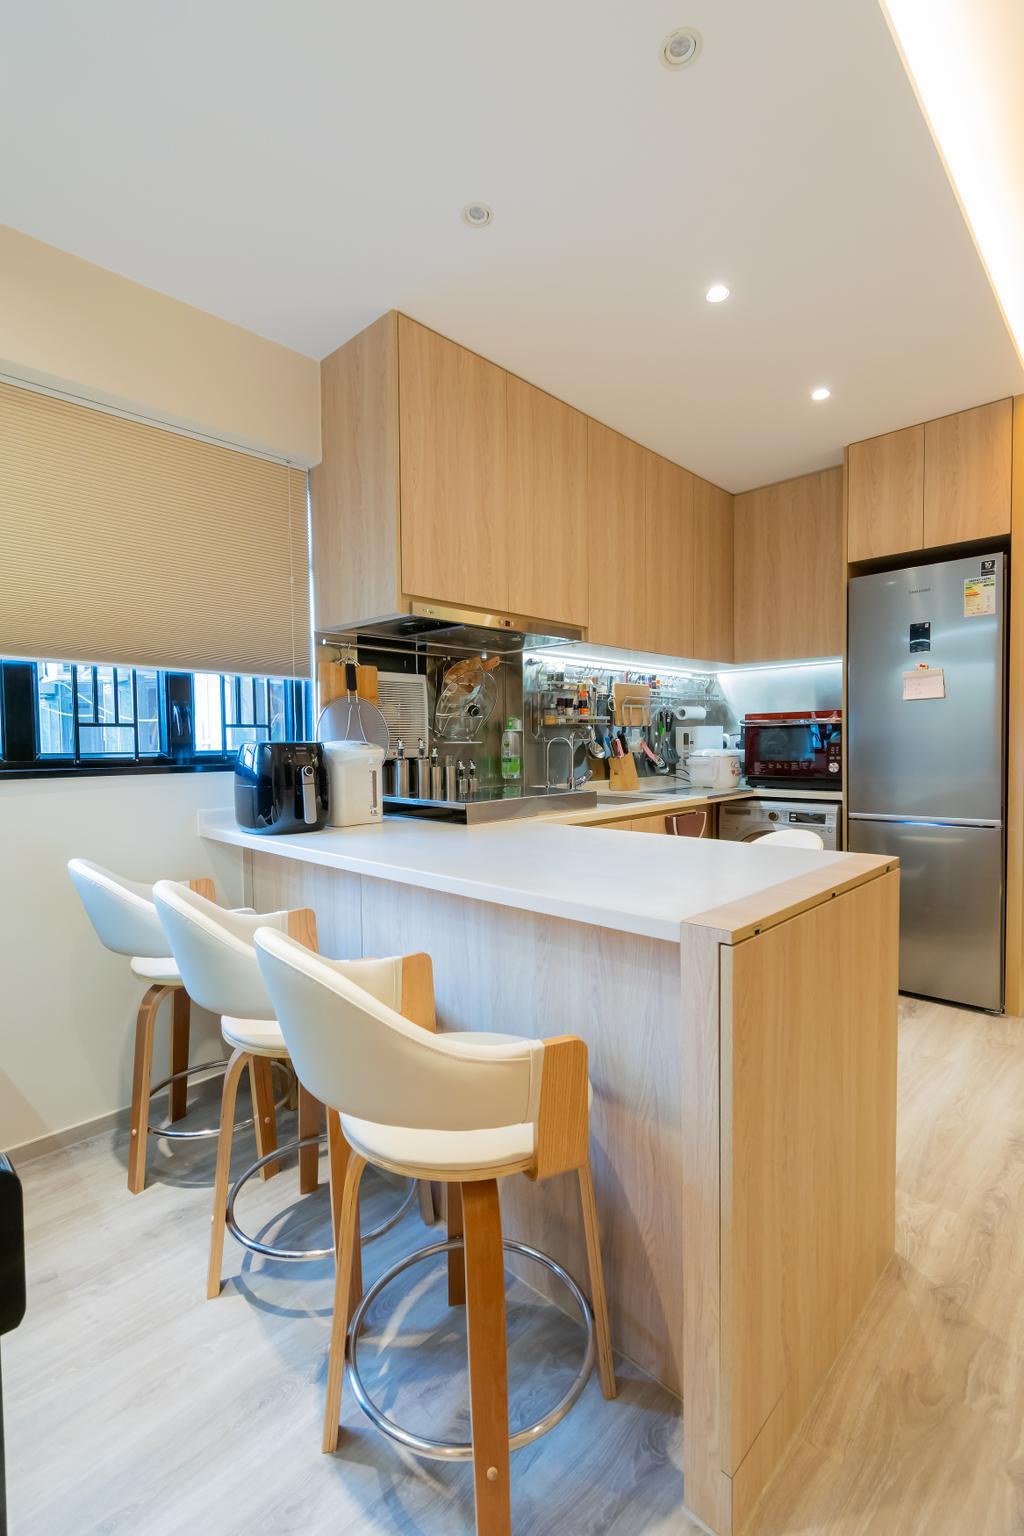 簡約, 私家樓, 廚房, 美景花園, 室內設計師, 現時設計